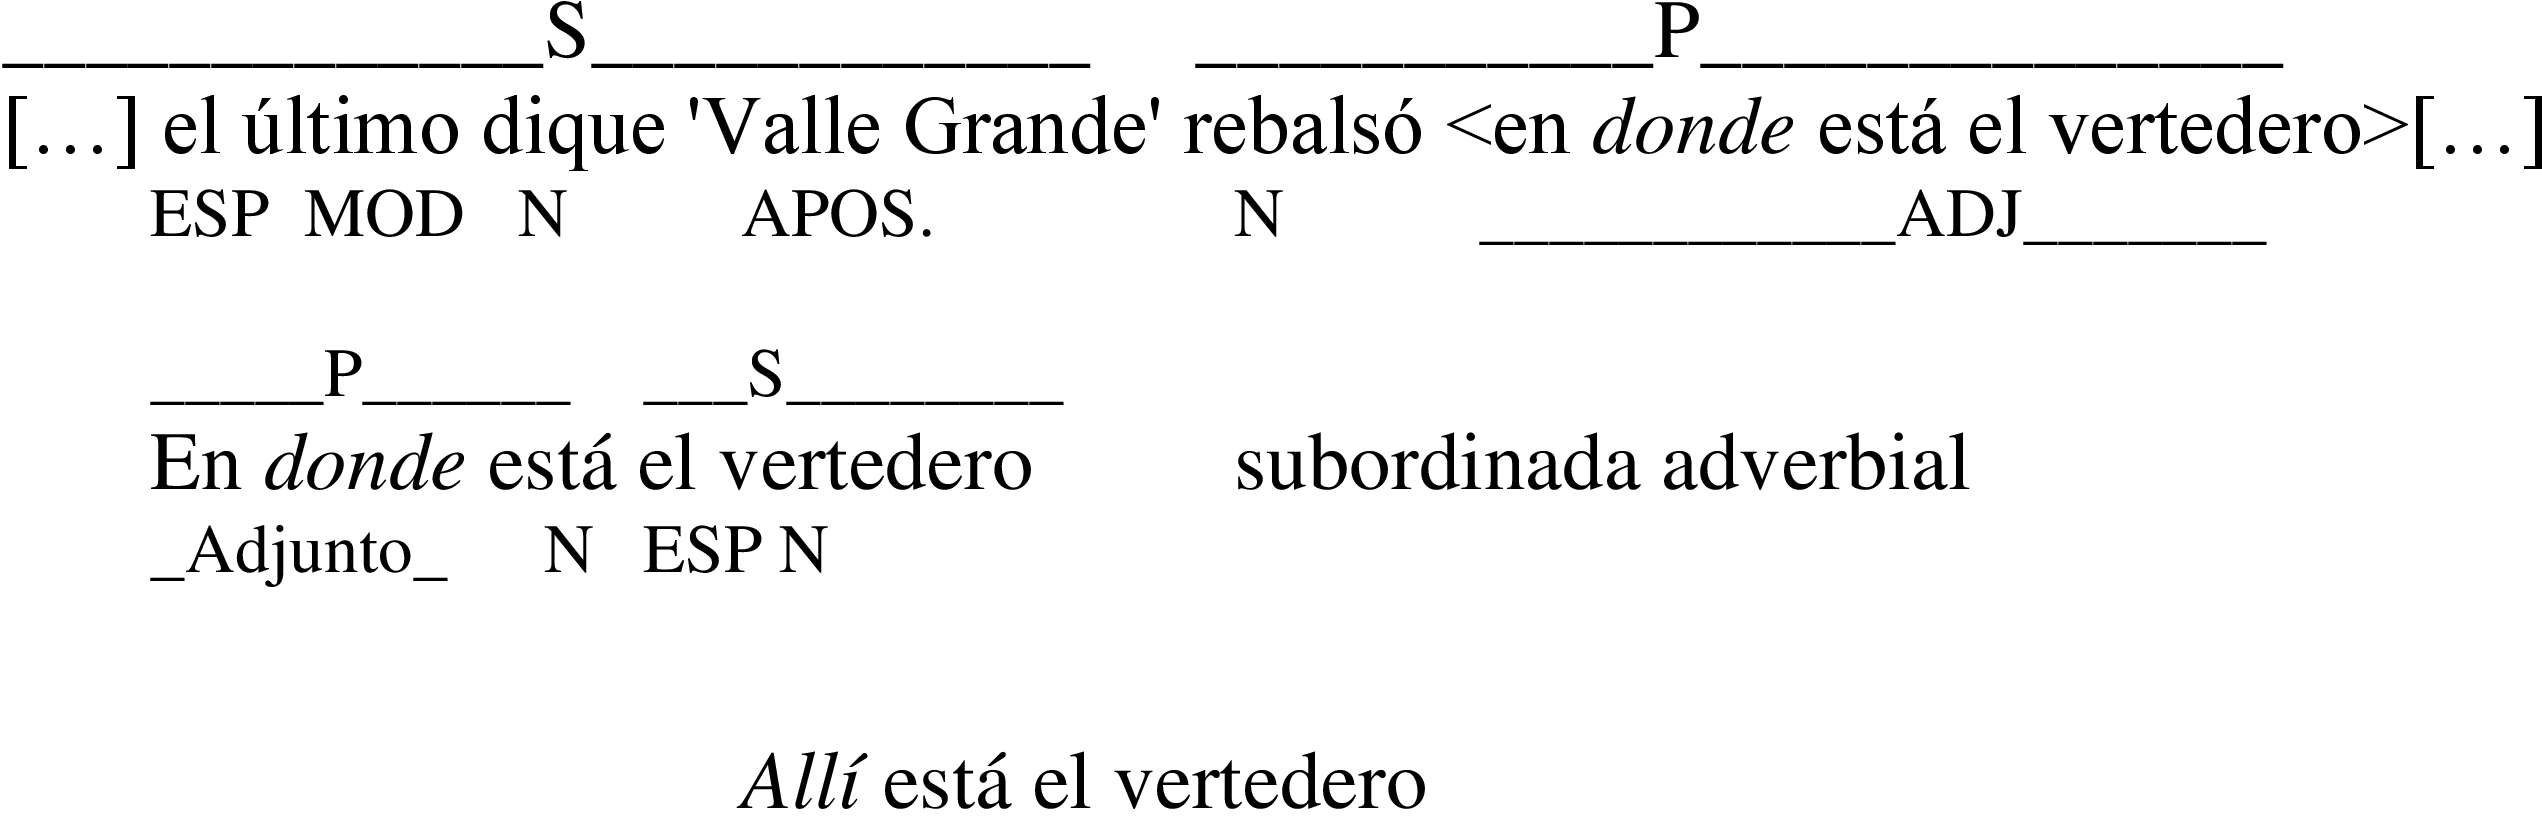 oración-23-cap-3_c